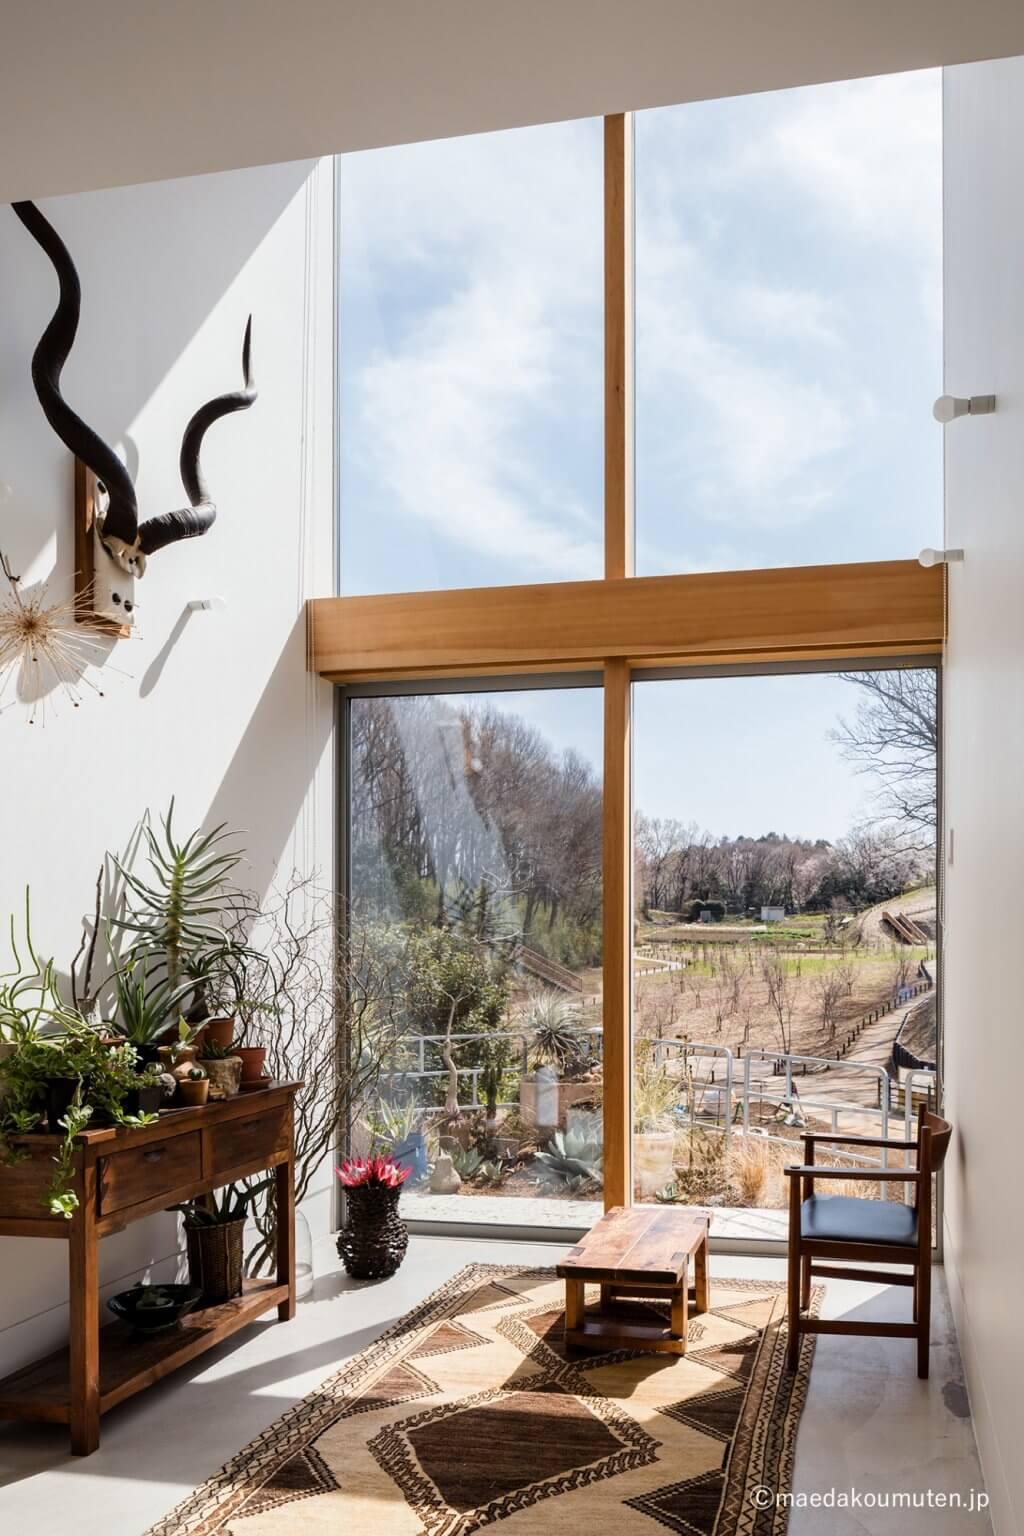 神奈川県、工務店、注文住宅、デザイン住宅、建築家、谷戸の家_27